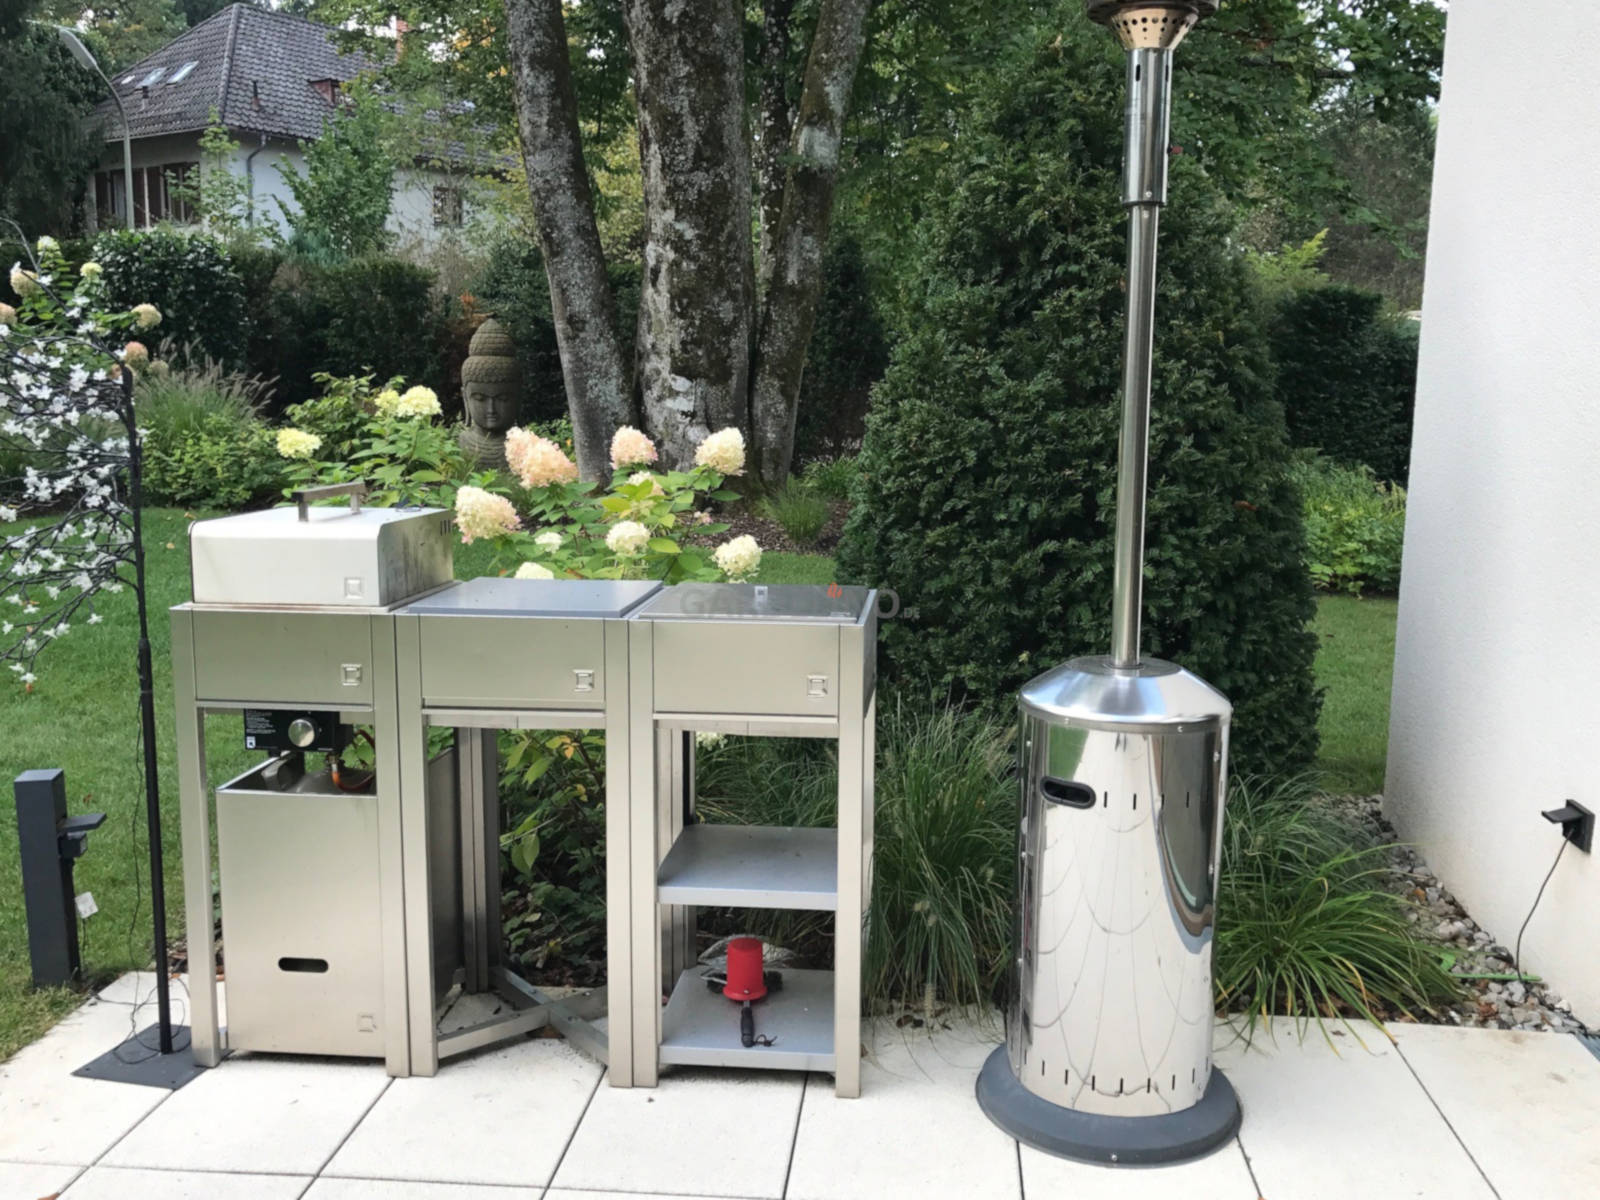 Outdoor Küche Edelstahl Zubehör : Modul outdoor küche für den garten und die terrasse